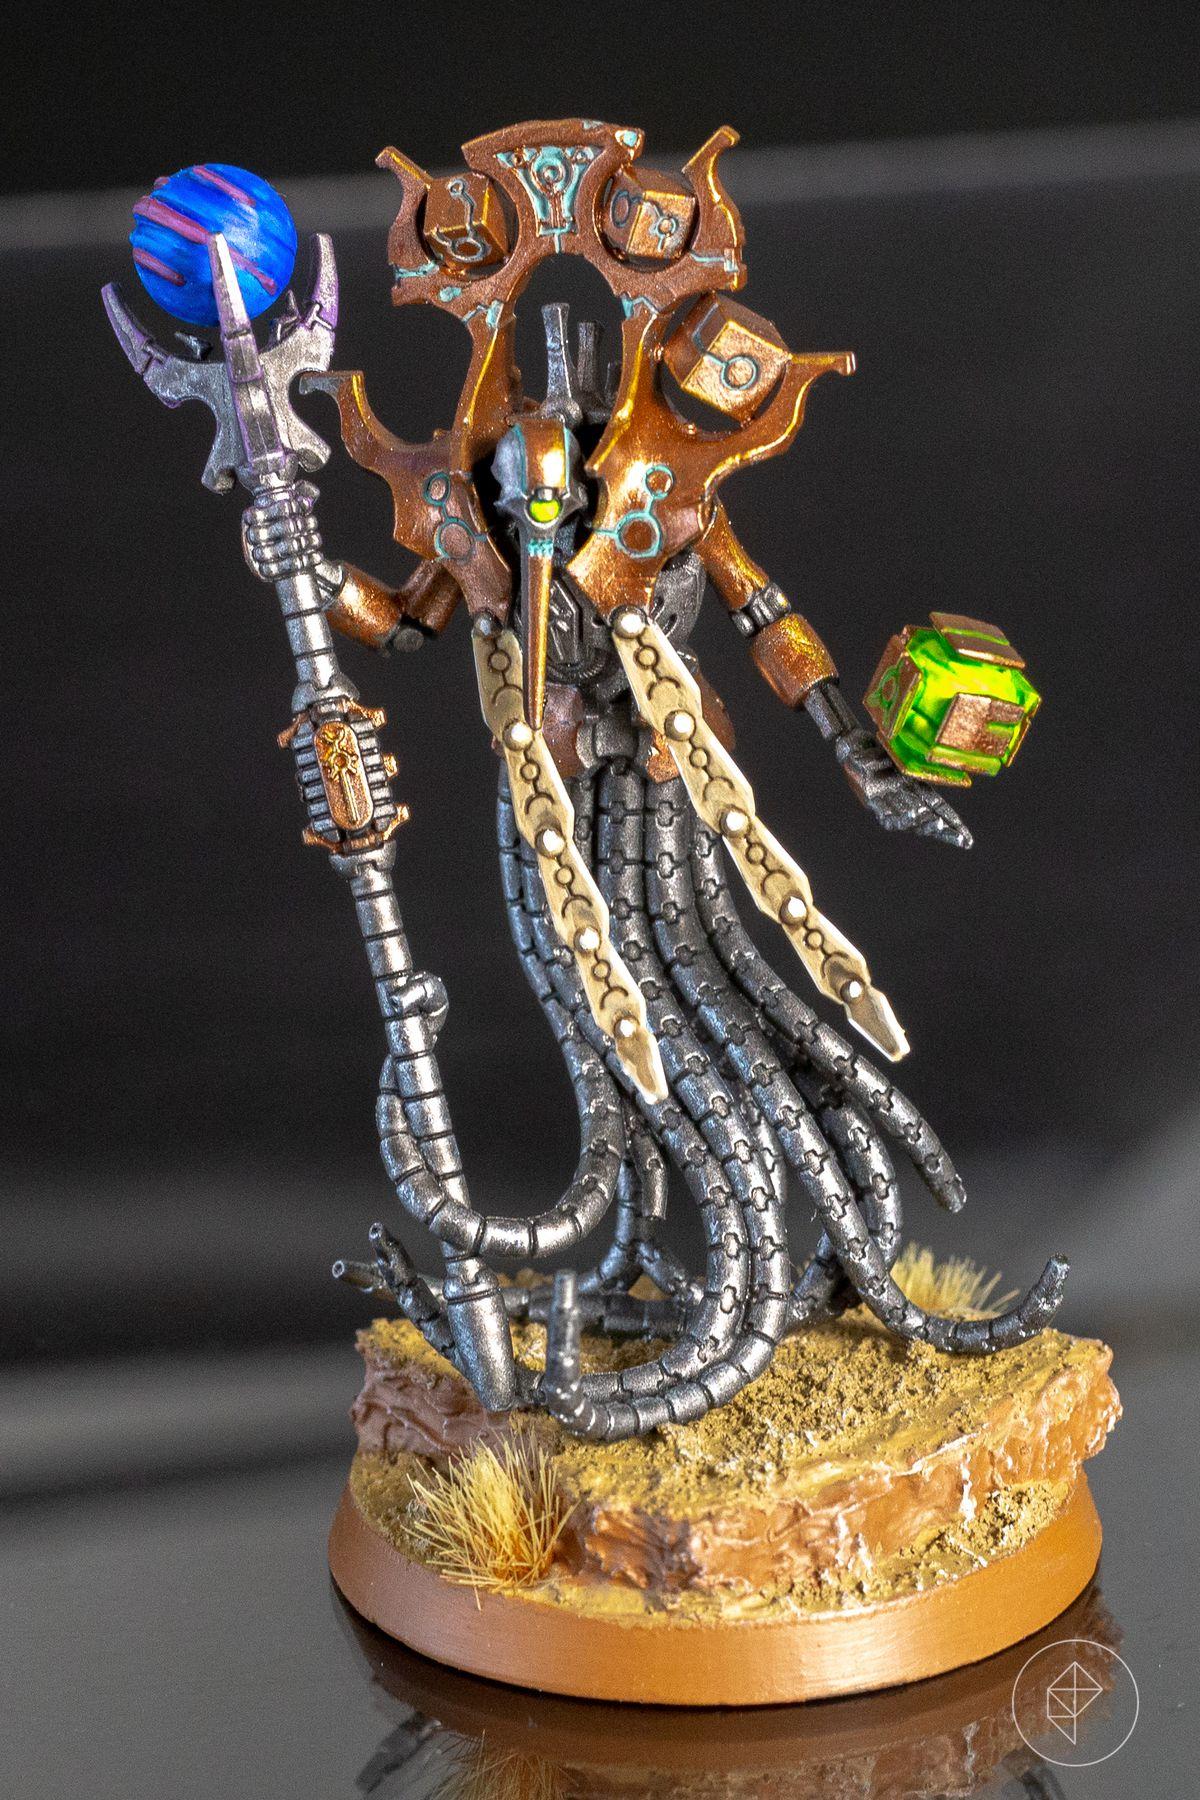 A Necron Chronomancer from Warhammer 40,000: Pariah Nexus